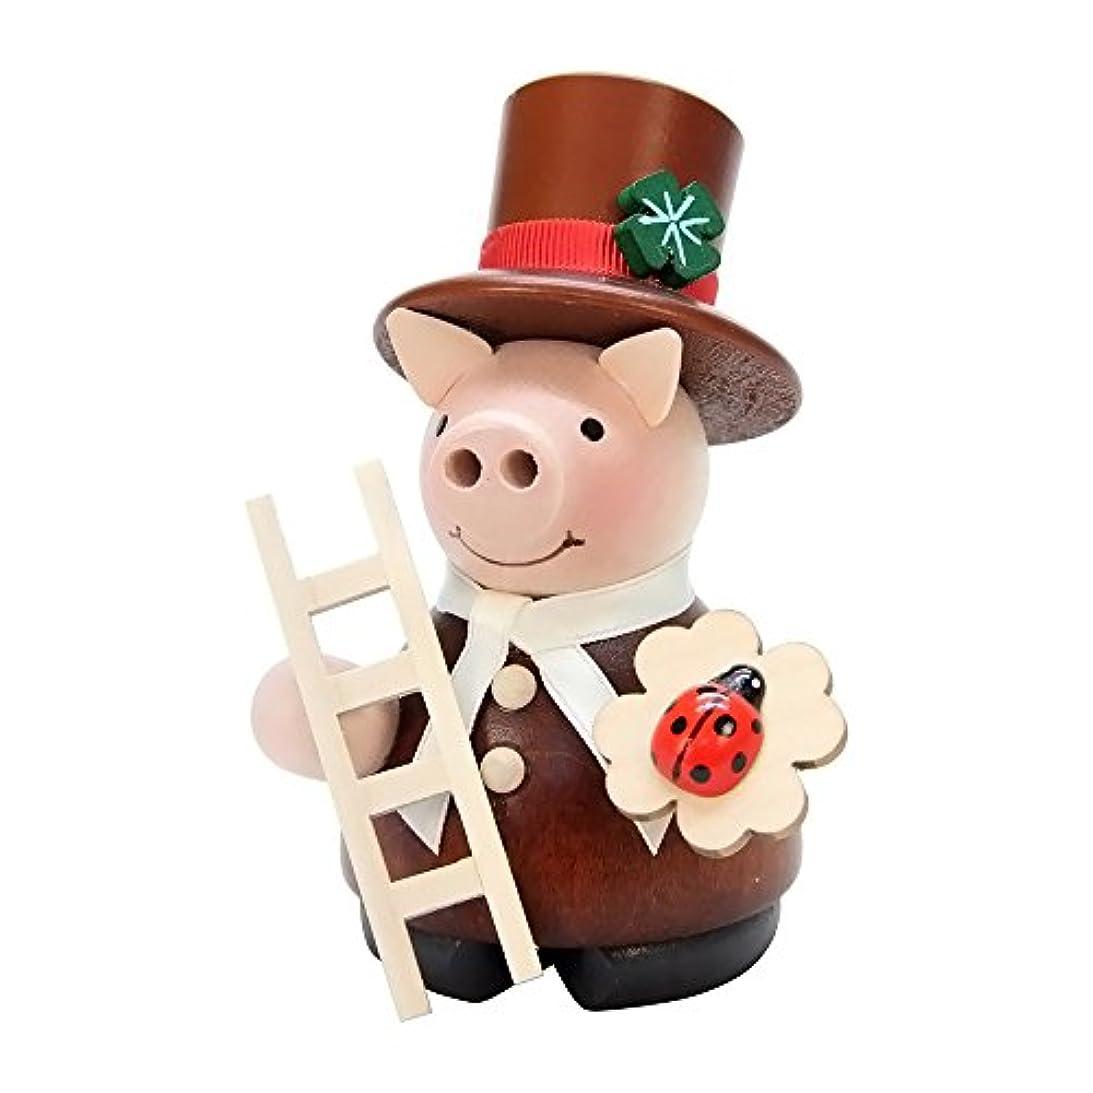 スラック黒くする告発者(One size, Multi) - Christian Ulbricht Incense Burner - Lucky Pig Chimney Sweep - 4.5H x 3W x 3D